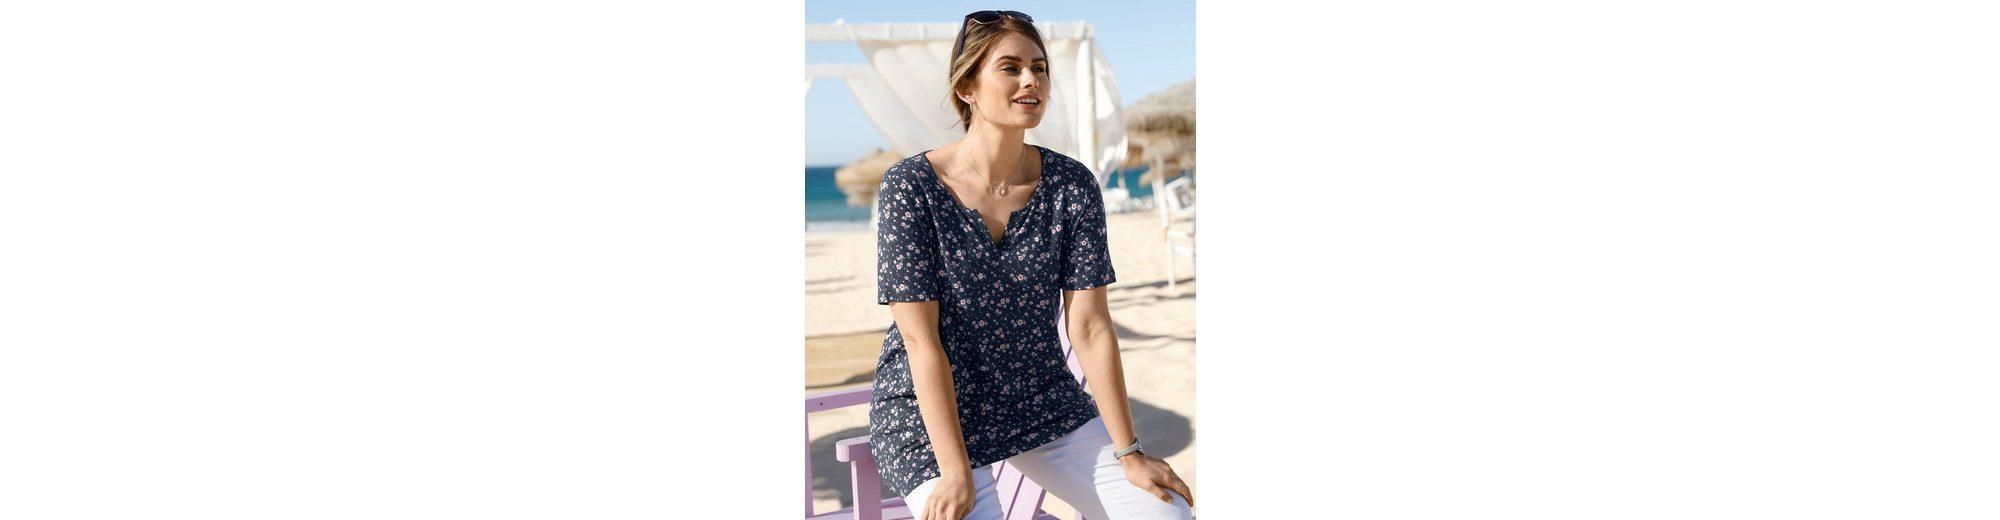 Tunika und Print Jersey Happy by Size Blumen Janet Joyce mit F1wAqYZw